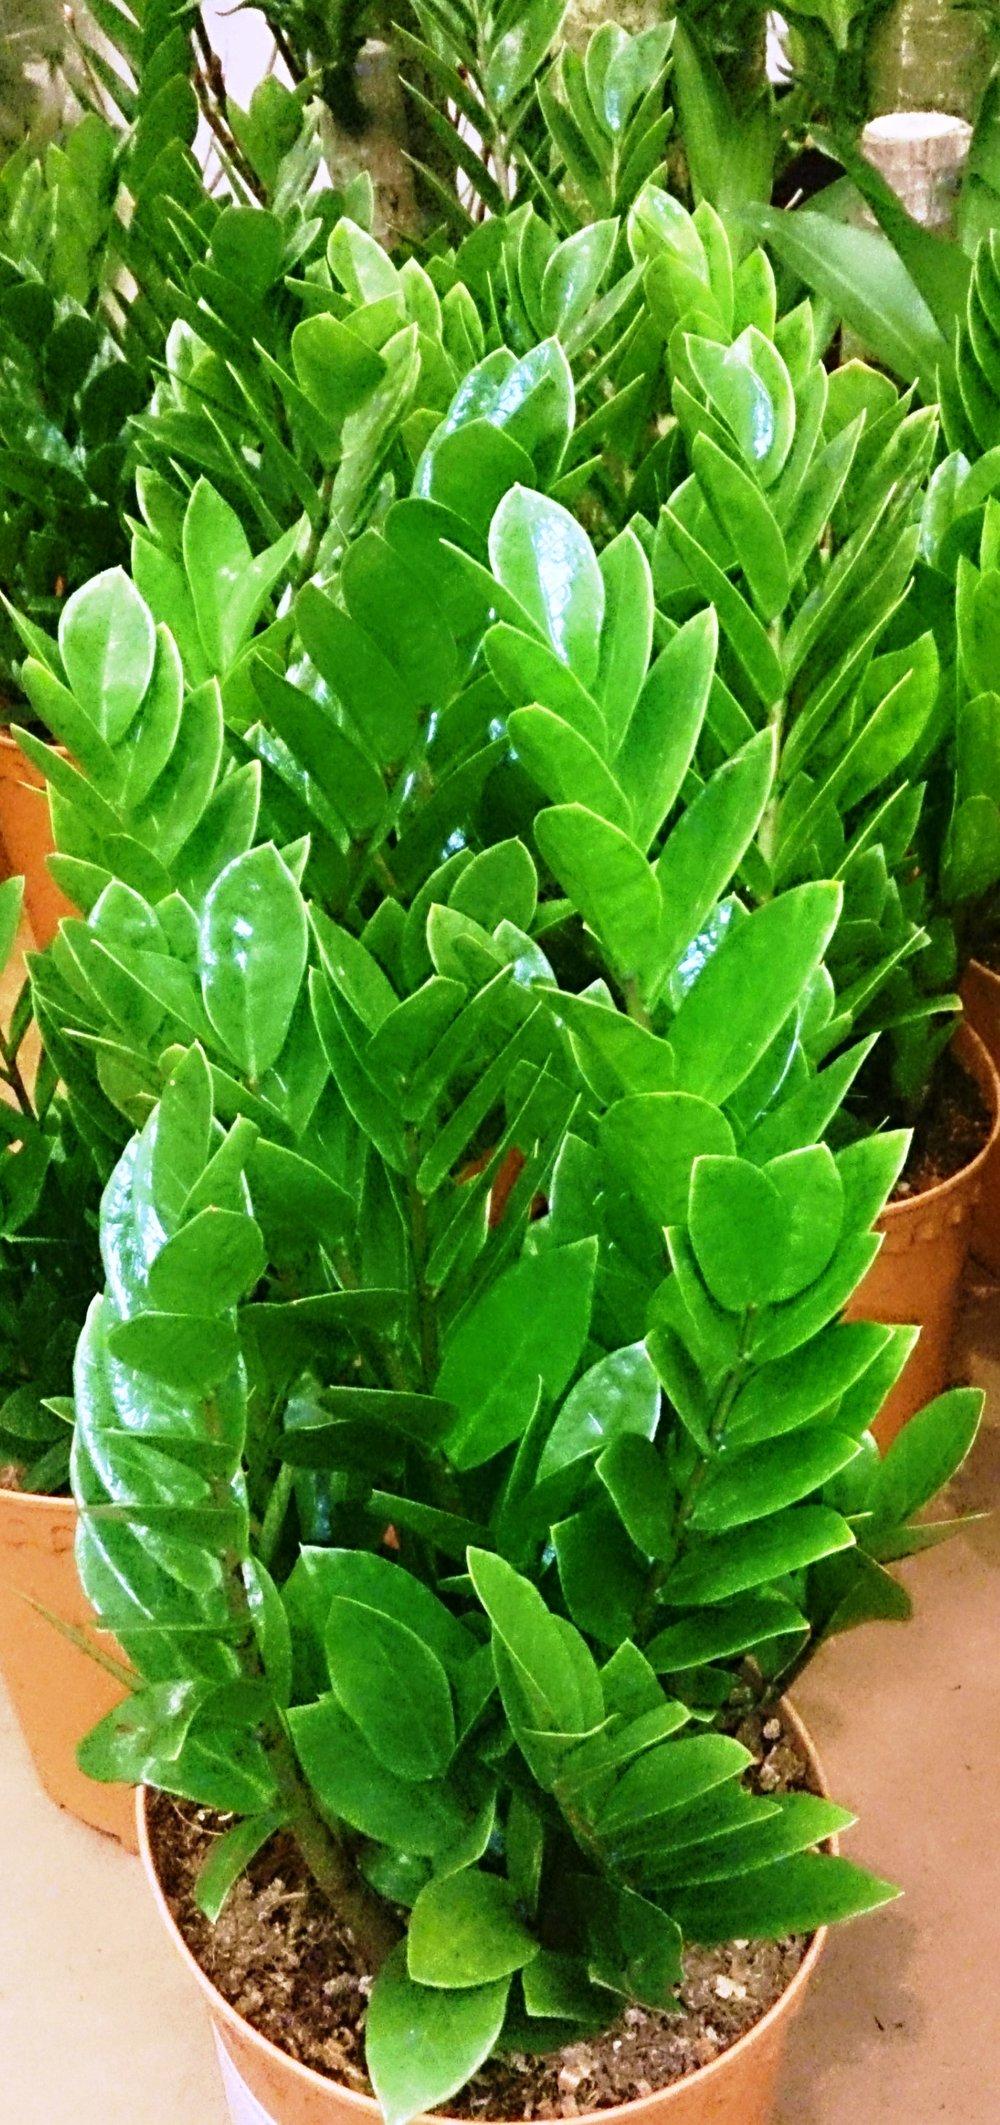 ZZ_Plant_(Zamioculcas_zamiifolia).jpg